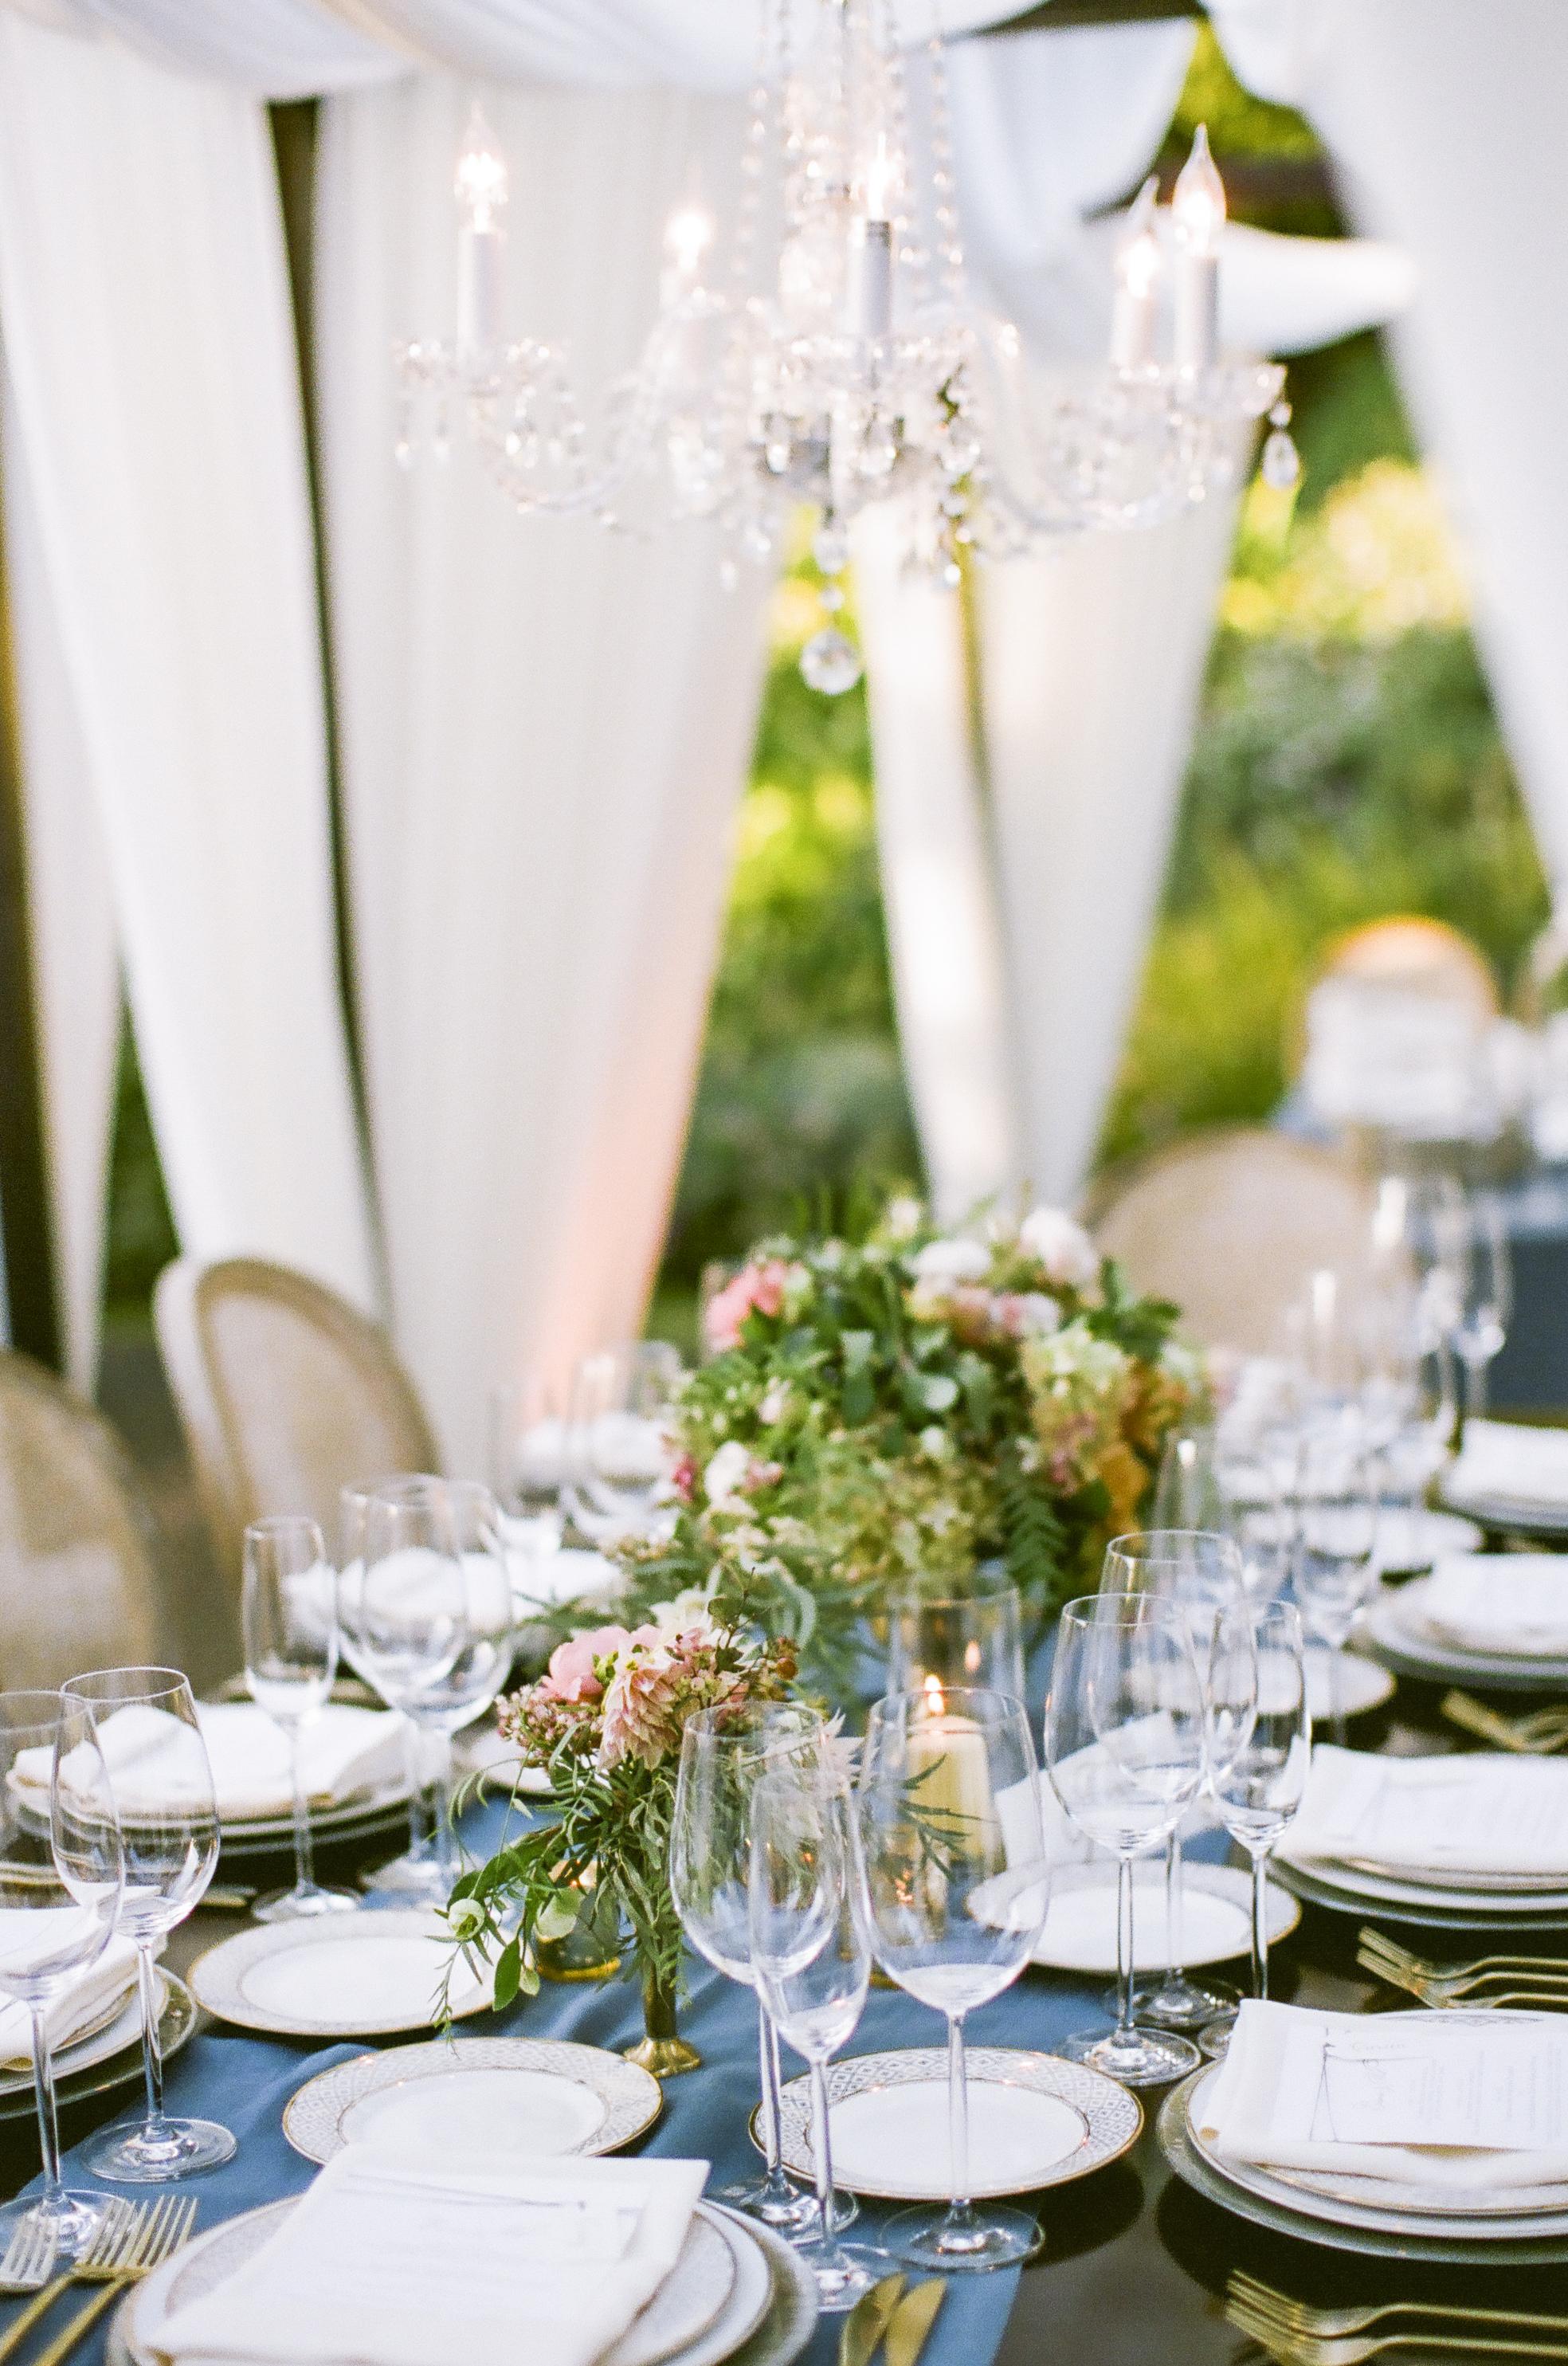 EmmieWill_Wedding_LoveNancyNeil533.jpg